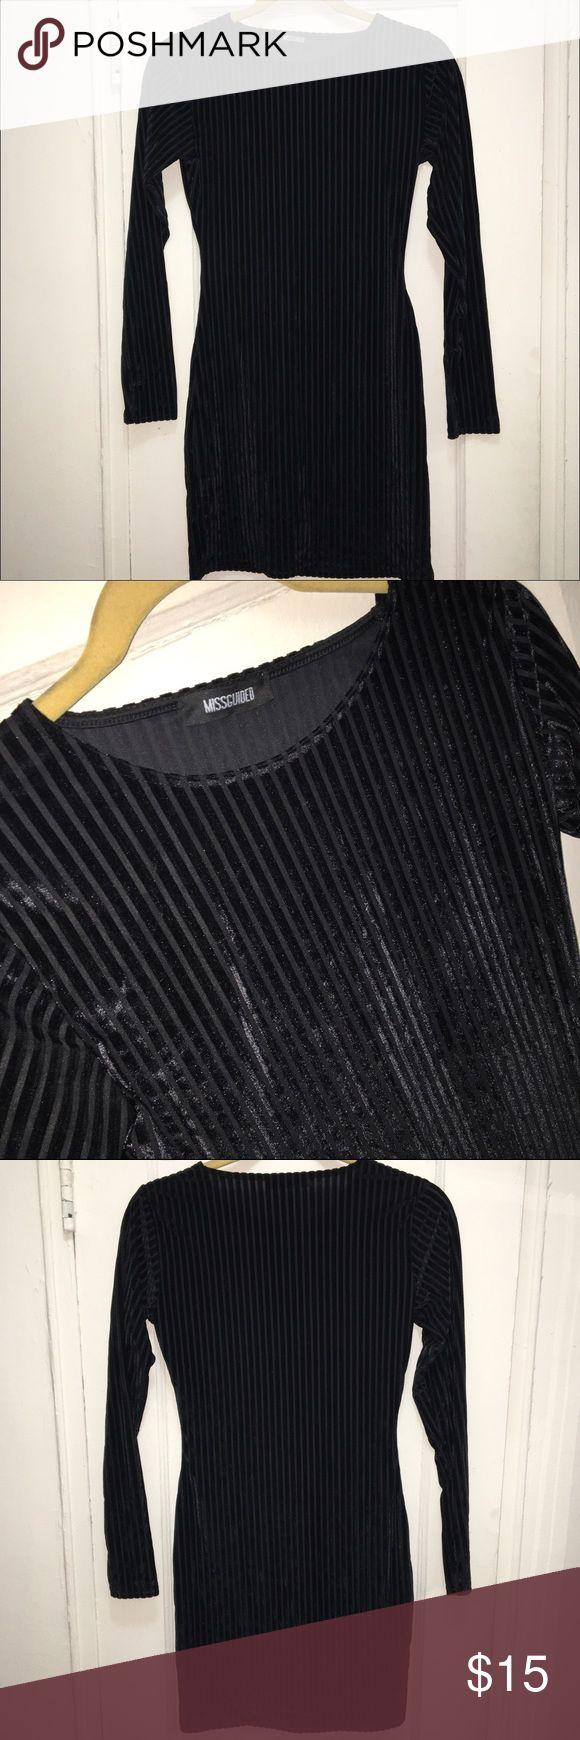 Missguided Velvet Striped Mini Dress Velvet black striped mini dress from Missguided. Worn once. Perfect for NYE or ladies night out! ✨ Missguided Dresses